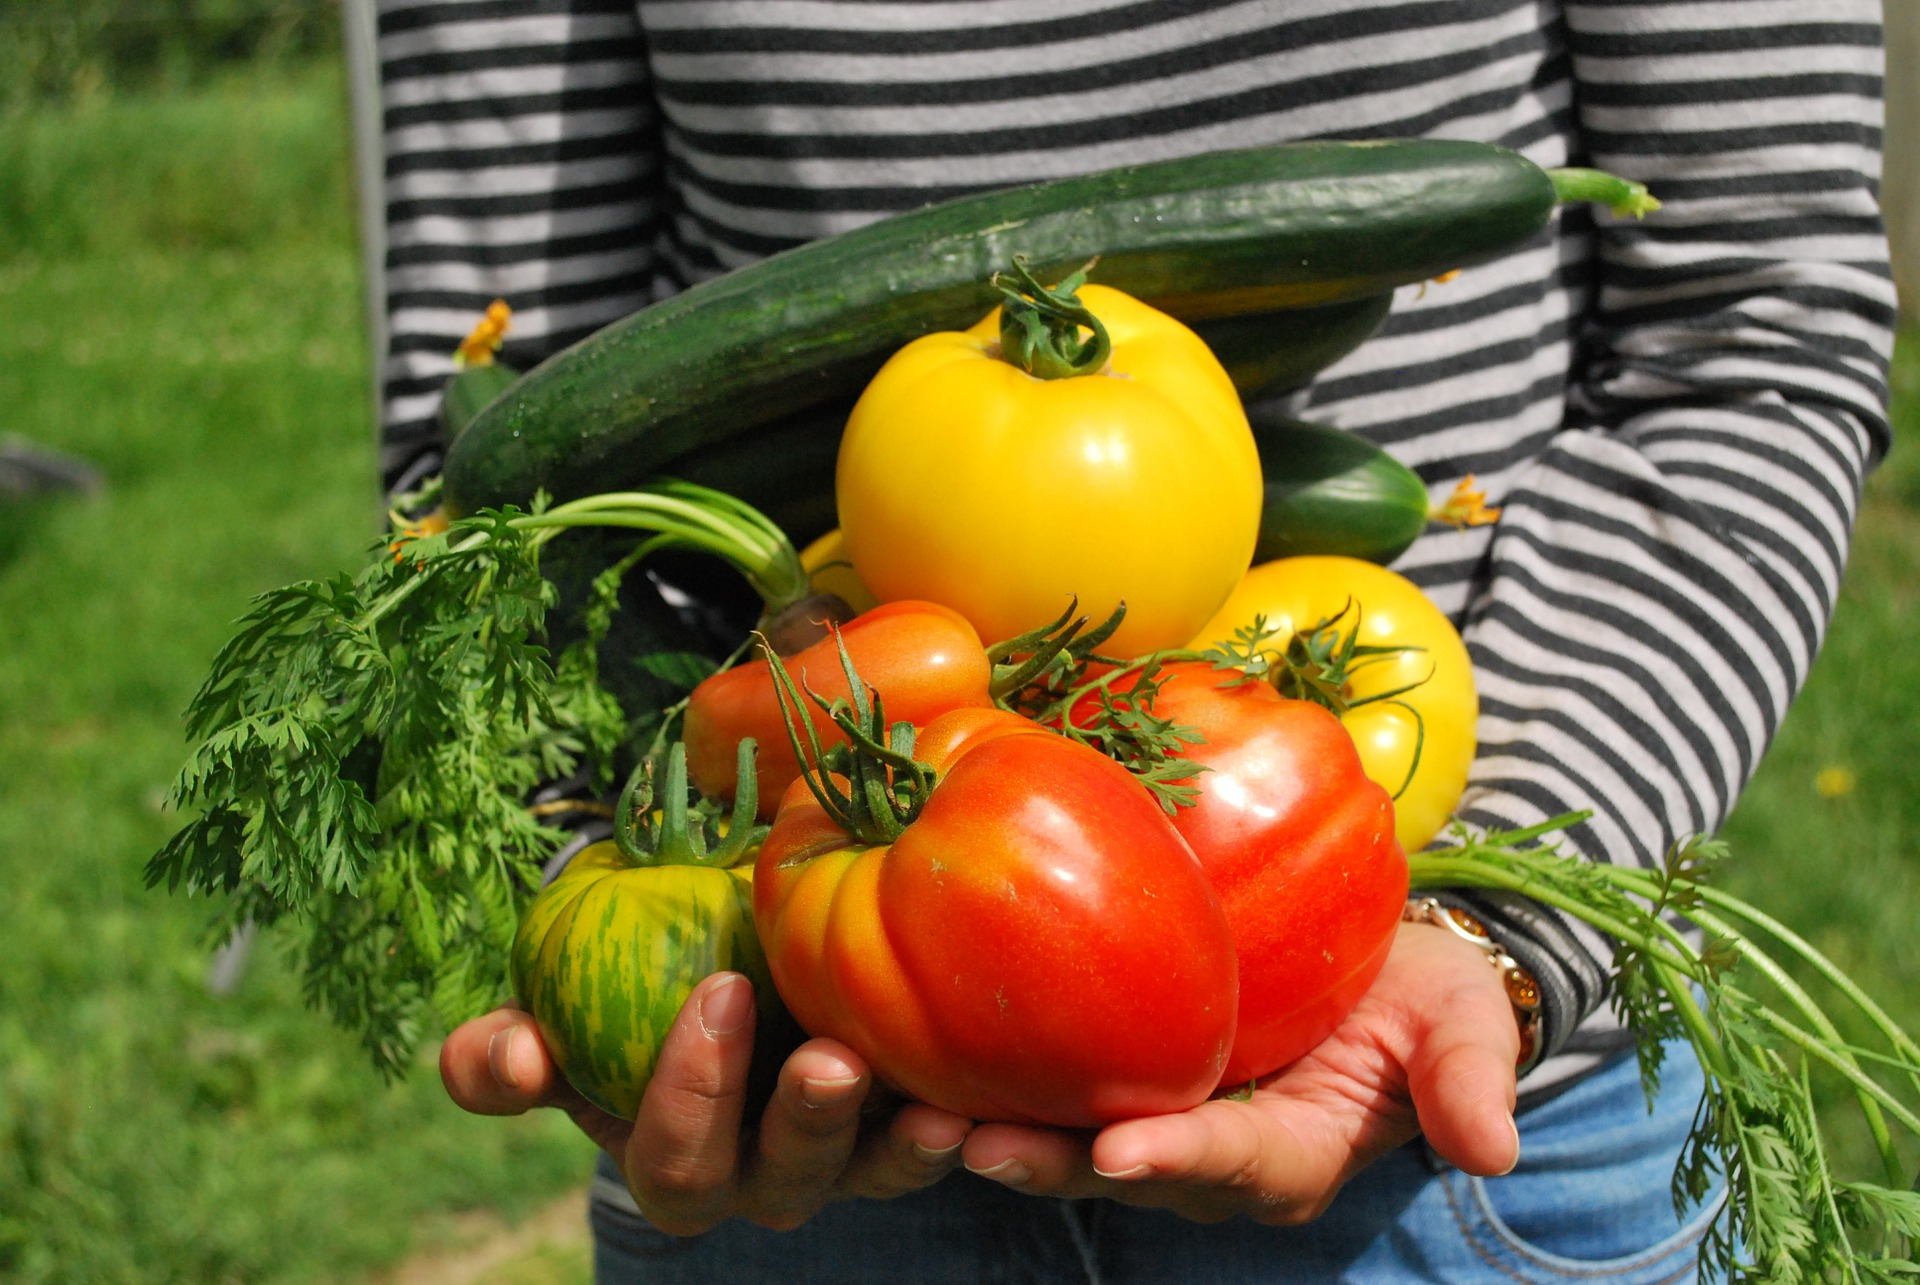 Un Petit Potager Productif trucs d'experts pour potager productif | gamm vert